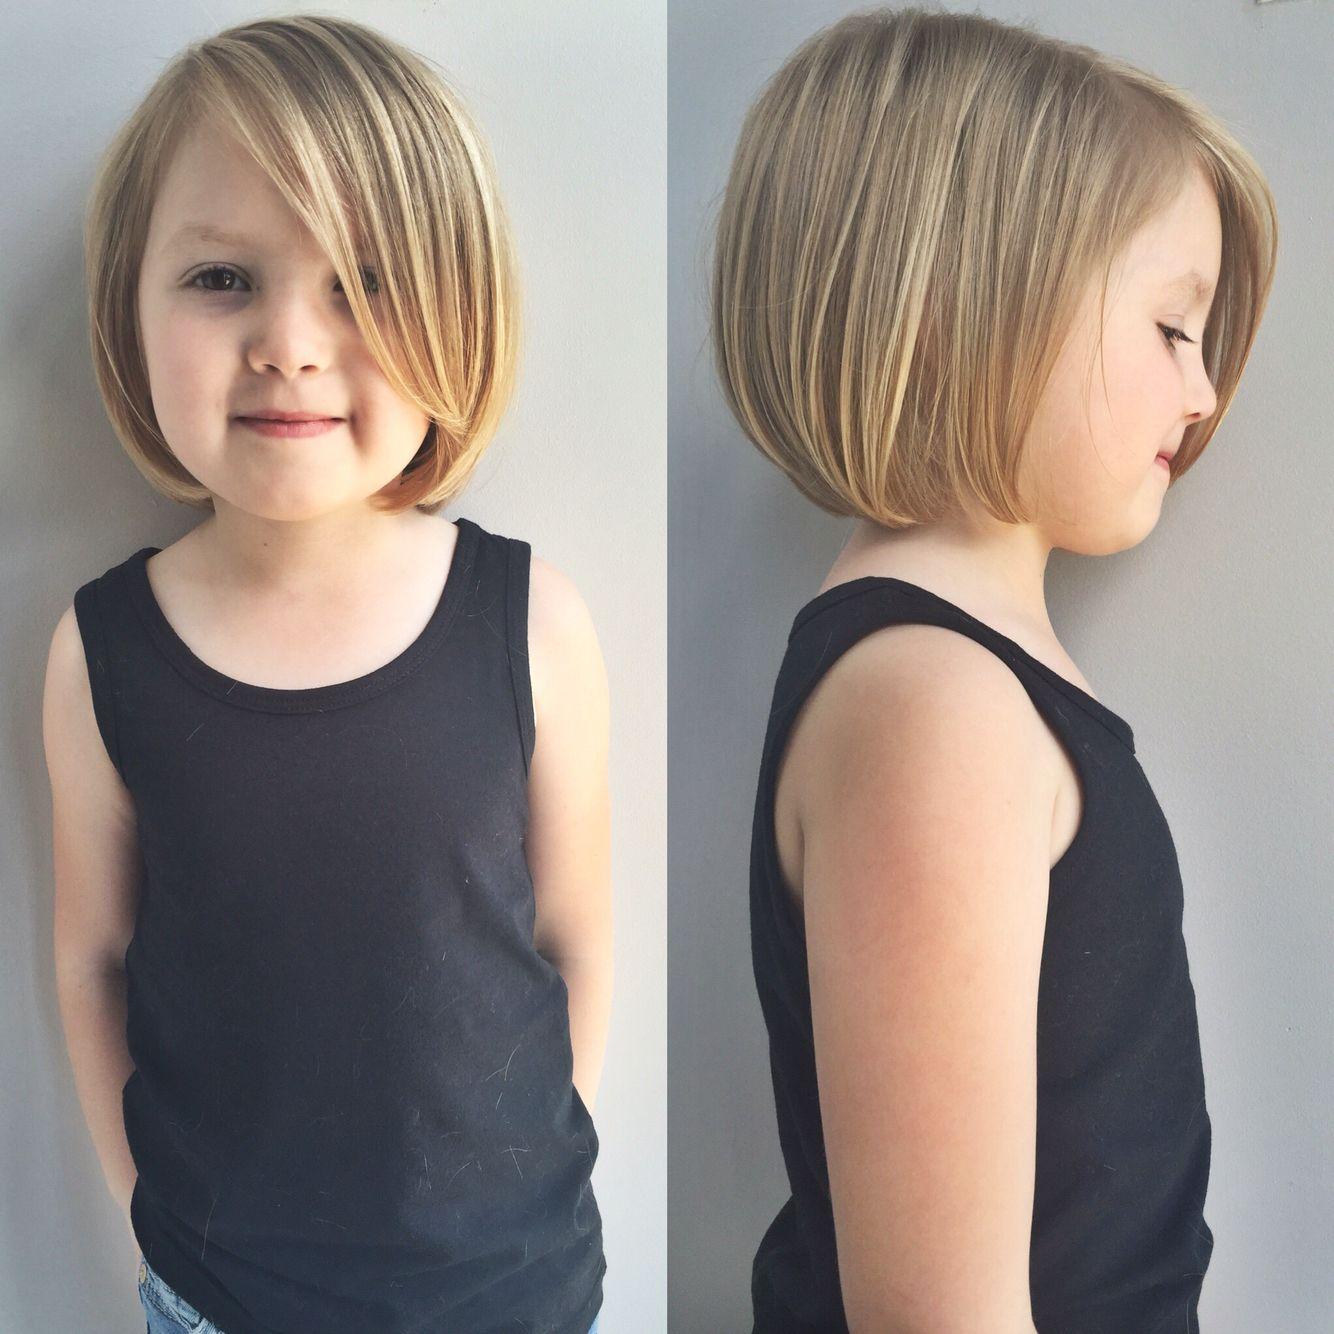 Kids hairstyles. Little girls haircut. Kids haircut ...